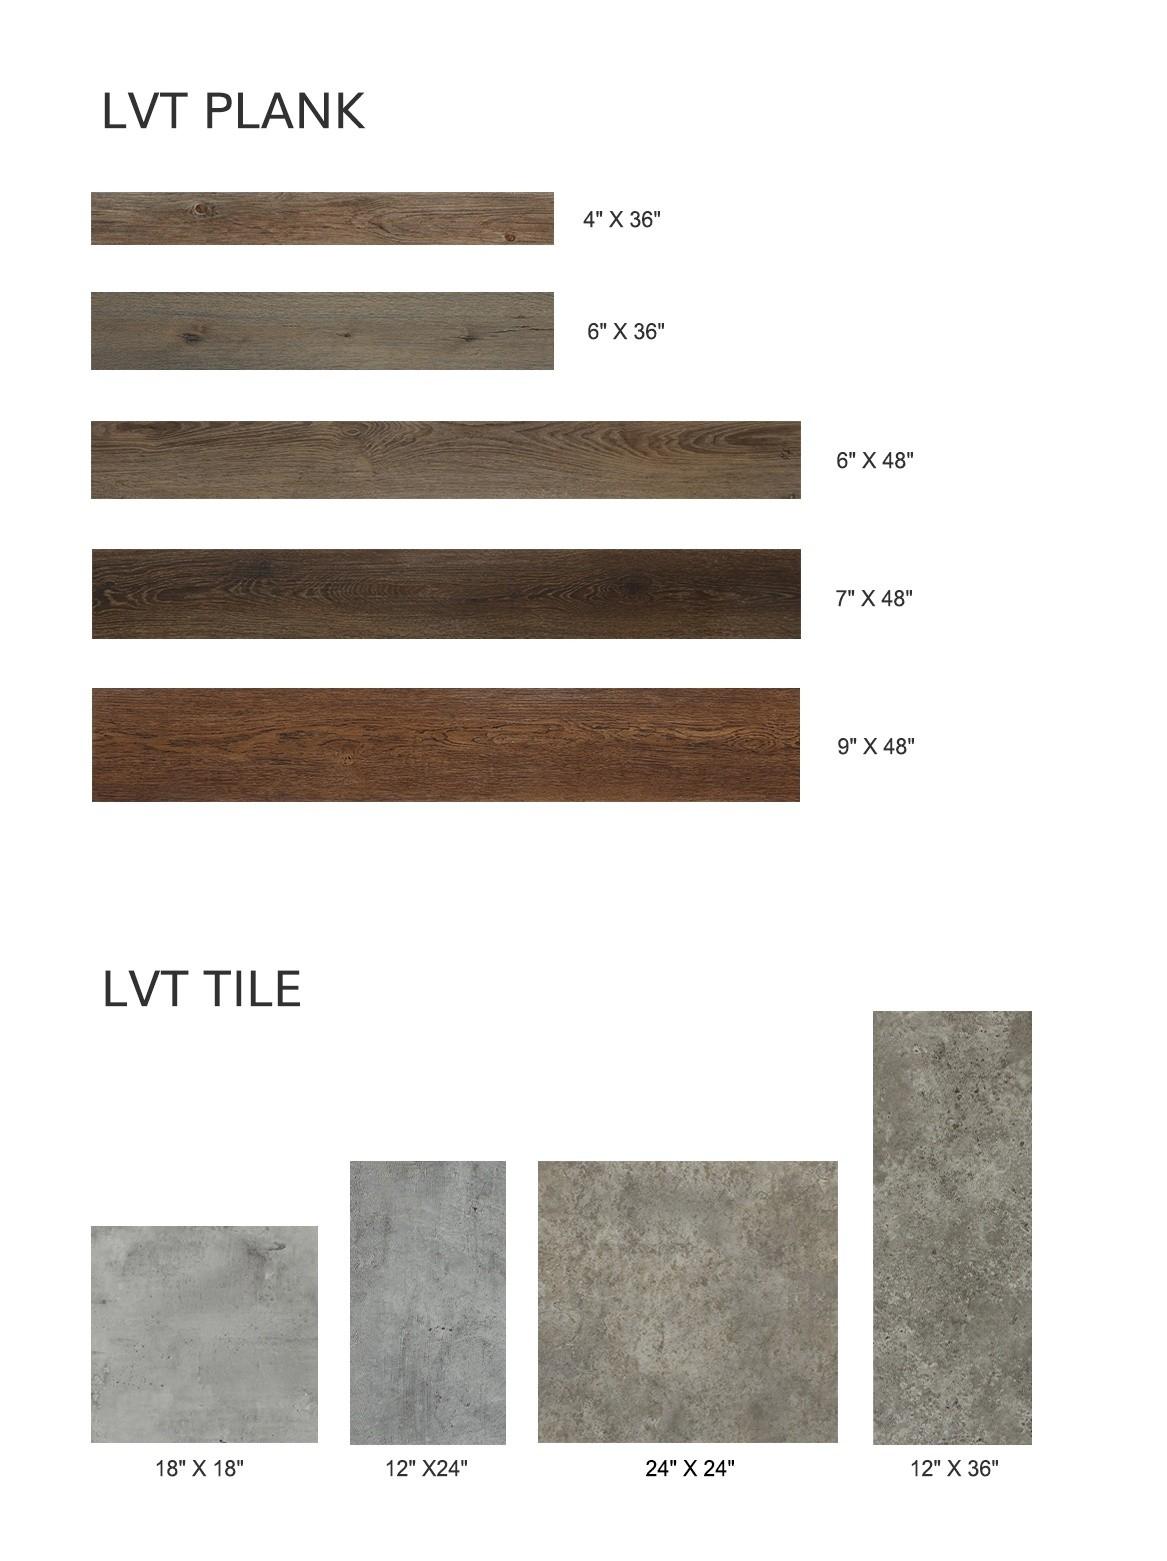 LVT Flooring Size